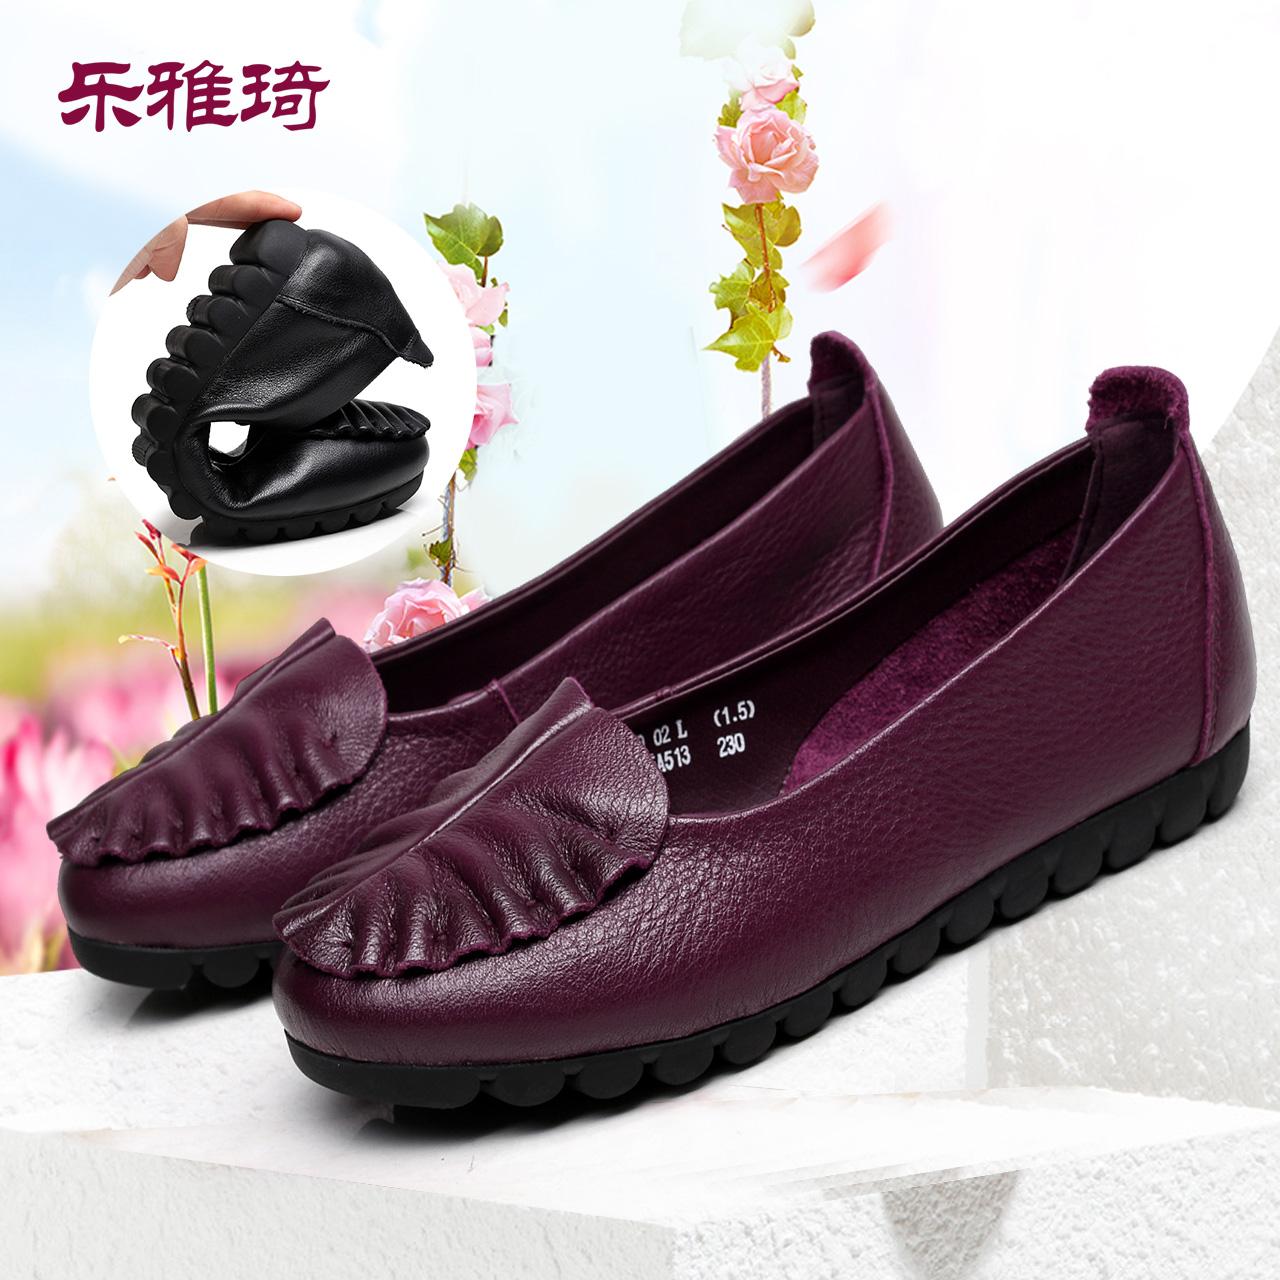 樂雅琦媽媽鞋春季單鞋女平底大碼真皮女鞋軟底中老年休閒鞋皮鞋